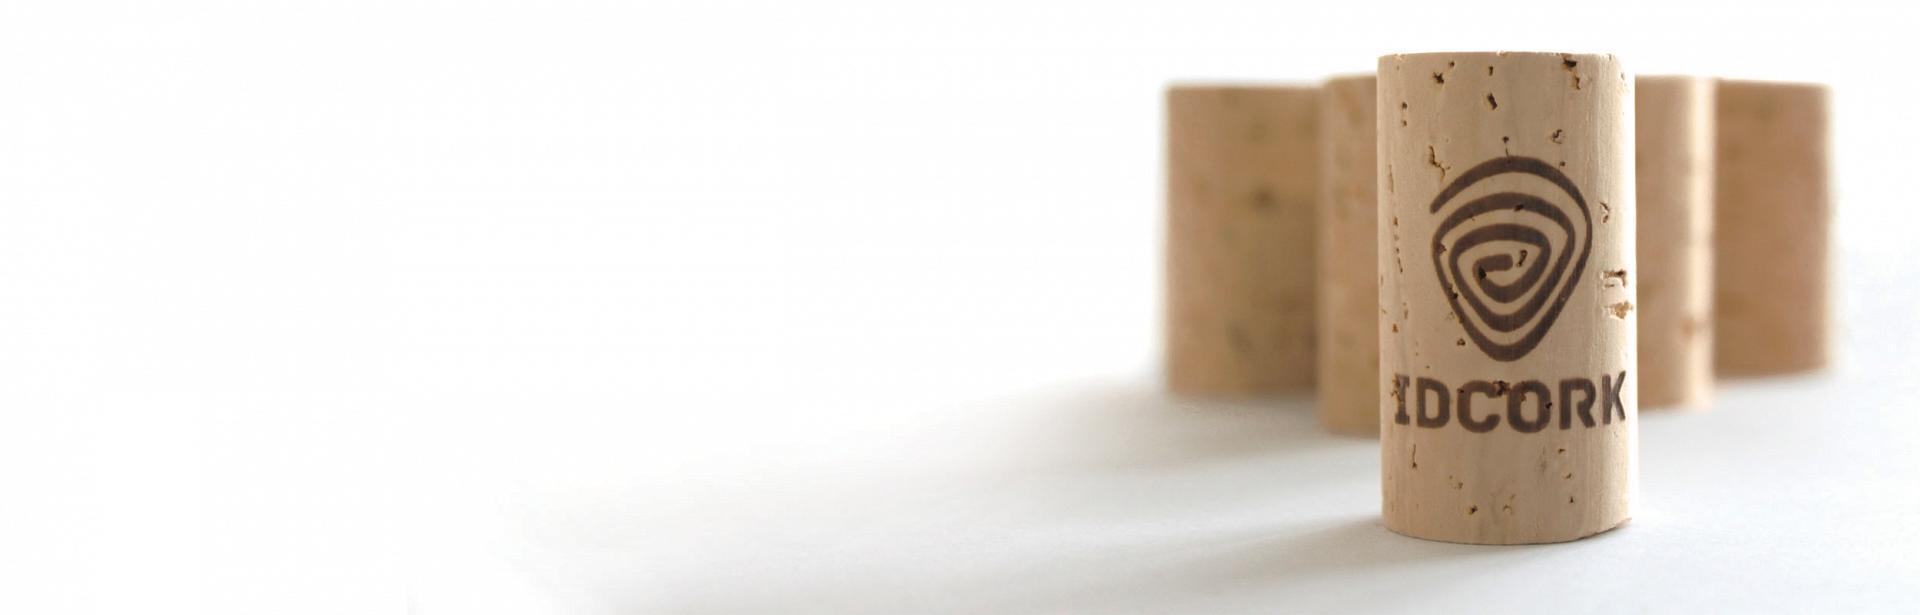 Tappo a raso in sughero naturale Labrenta con sistema di identificazione Idcork